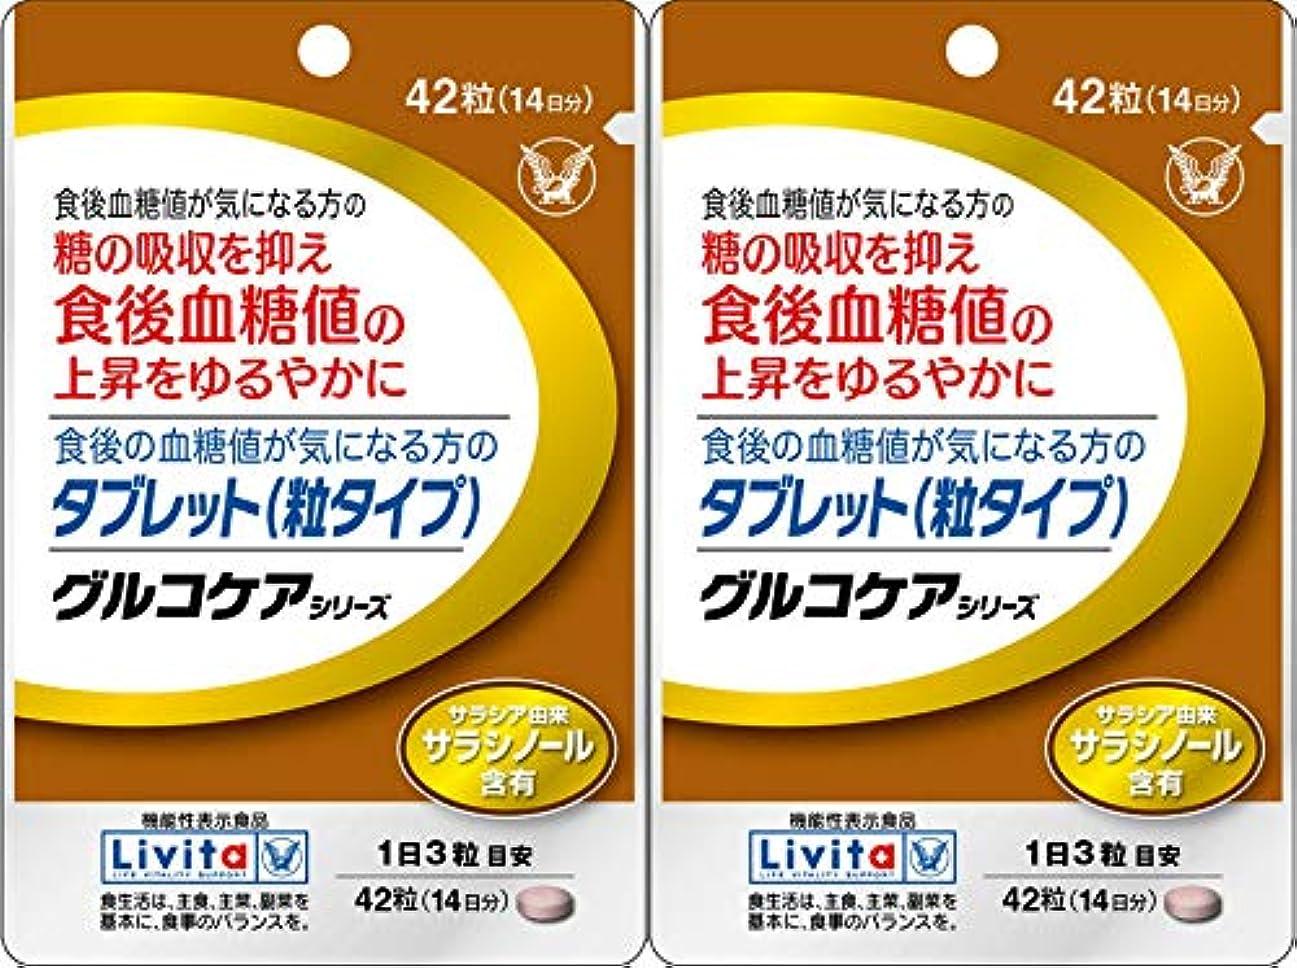 昆虫降臨発表【2個セット】食後の血糖値が気になる方のタブレット グルコケアシリーズ 42粒(機能性表示食品)